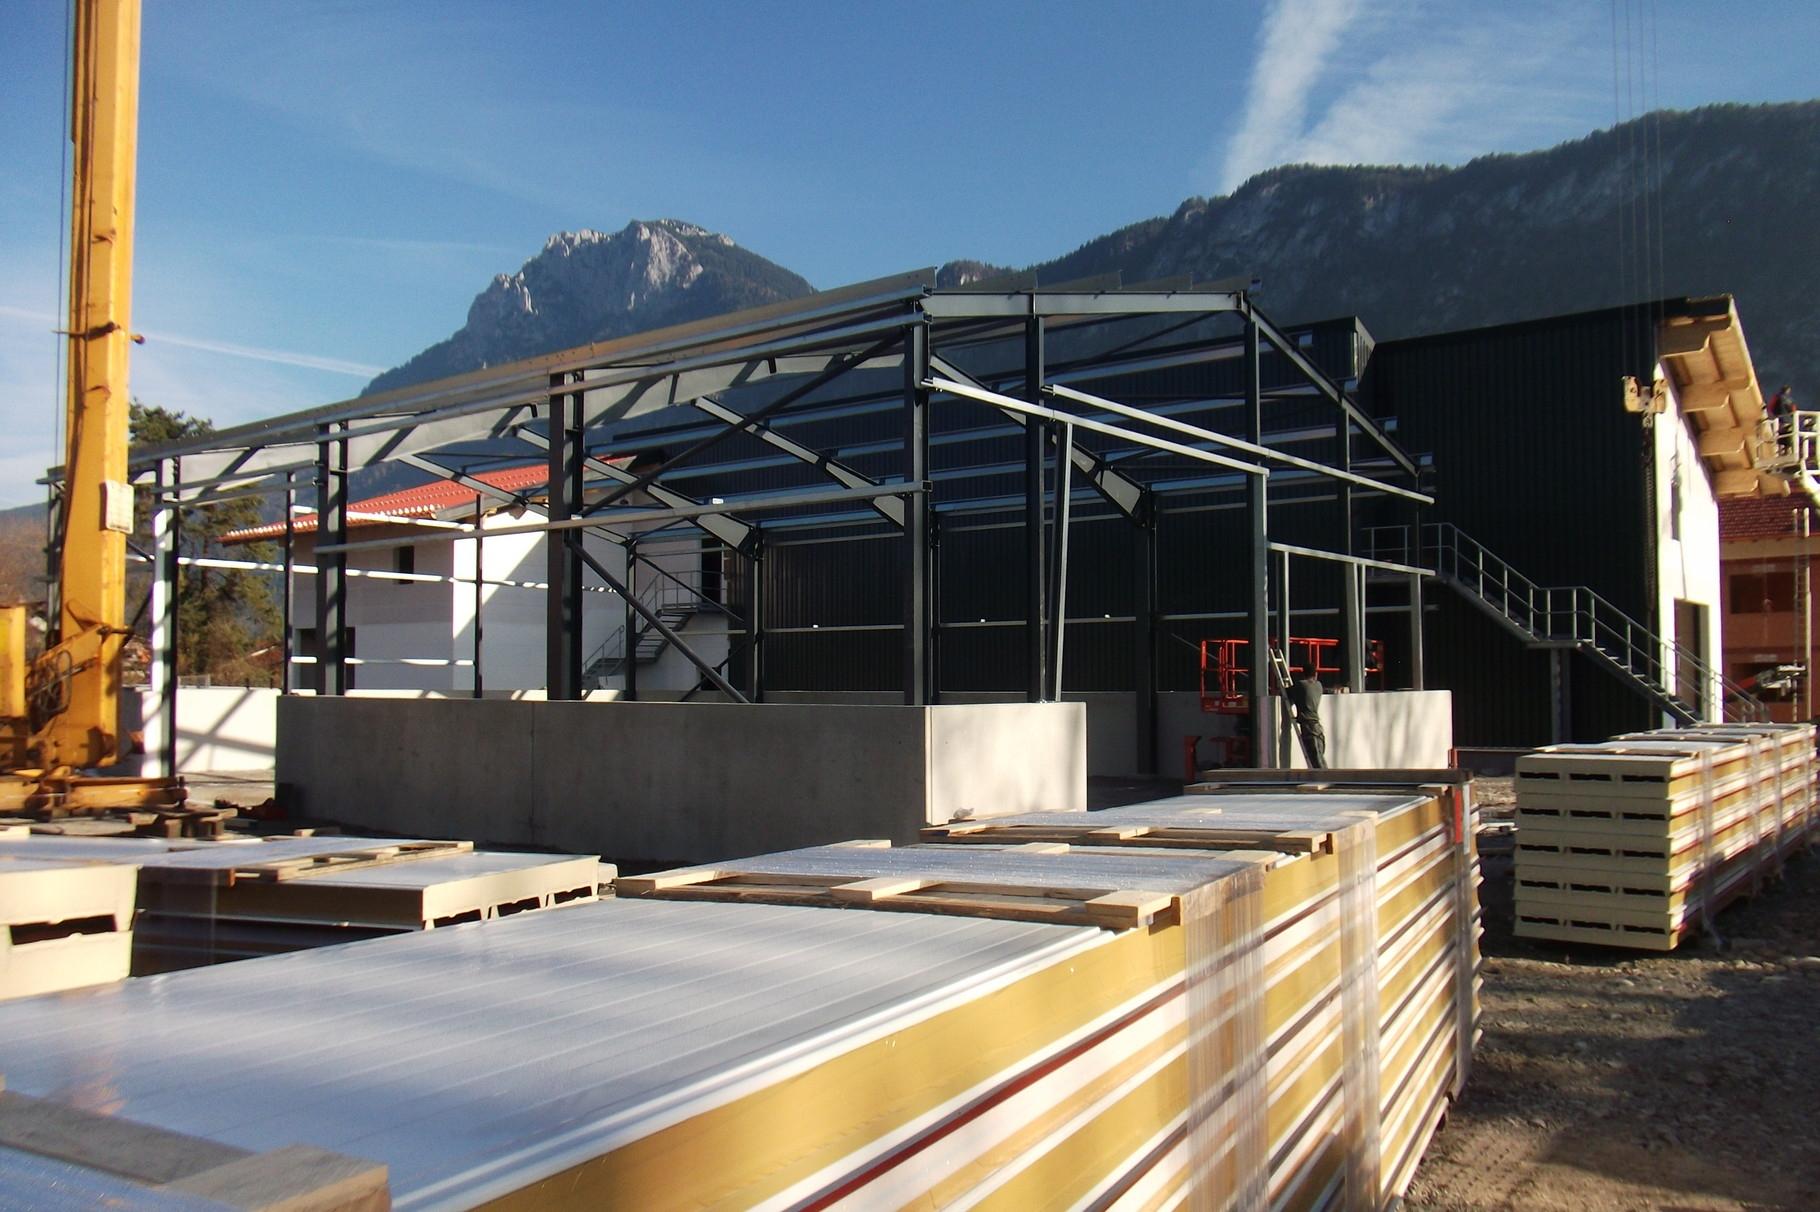 HANDWERKERHALLE in Kiefersfelden (Bayern) mit speziellen Fundamenten für Betonfertigteil-elemente mit 80 cm tiefen Frostriegeln. Bandverzinkte Z-Stahlpfetten und C-Profilwandriegel.